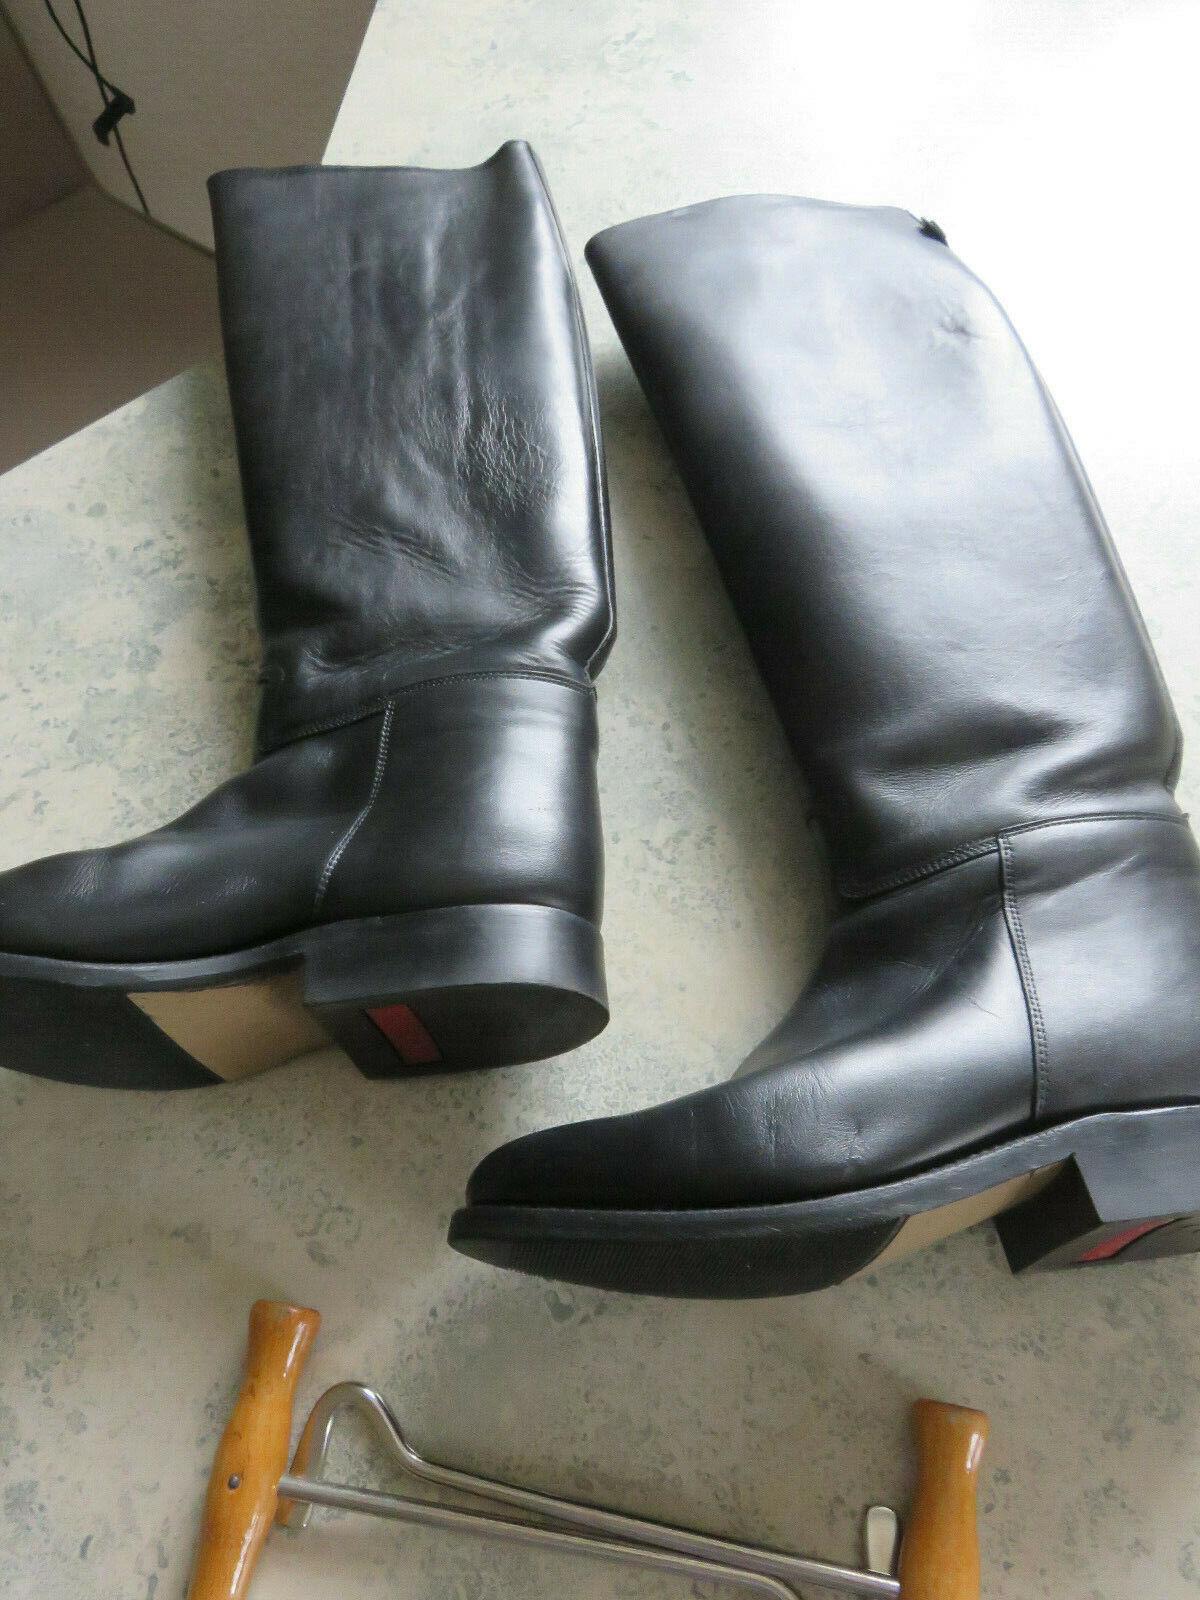 Reitstiefel Cavallo (Kleidur), Leder schwarz, sehr guter Zustand, Gr. 37 (4 1 2)